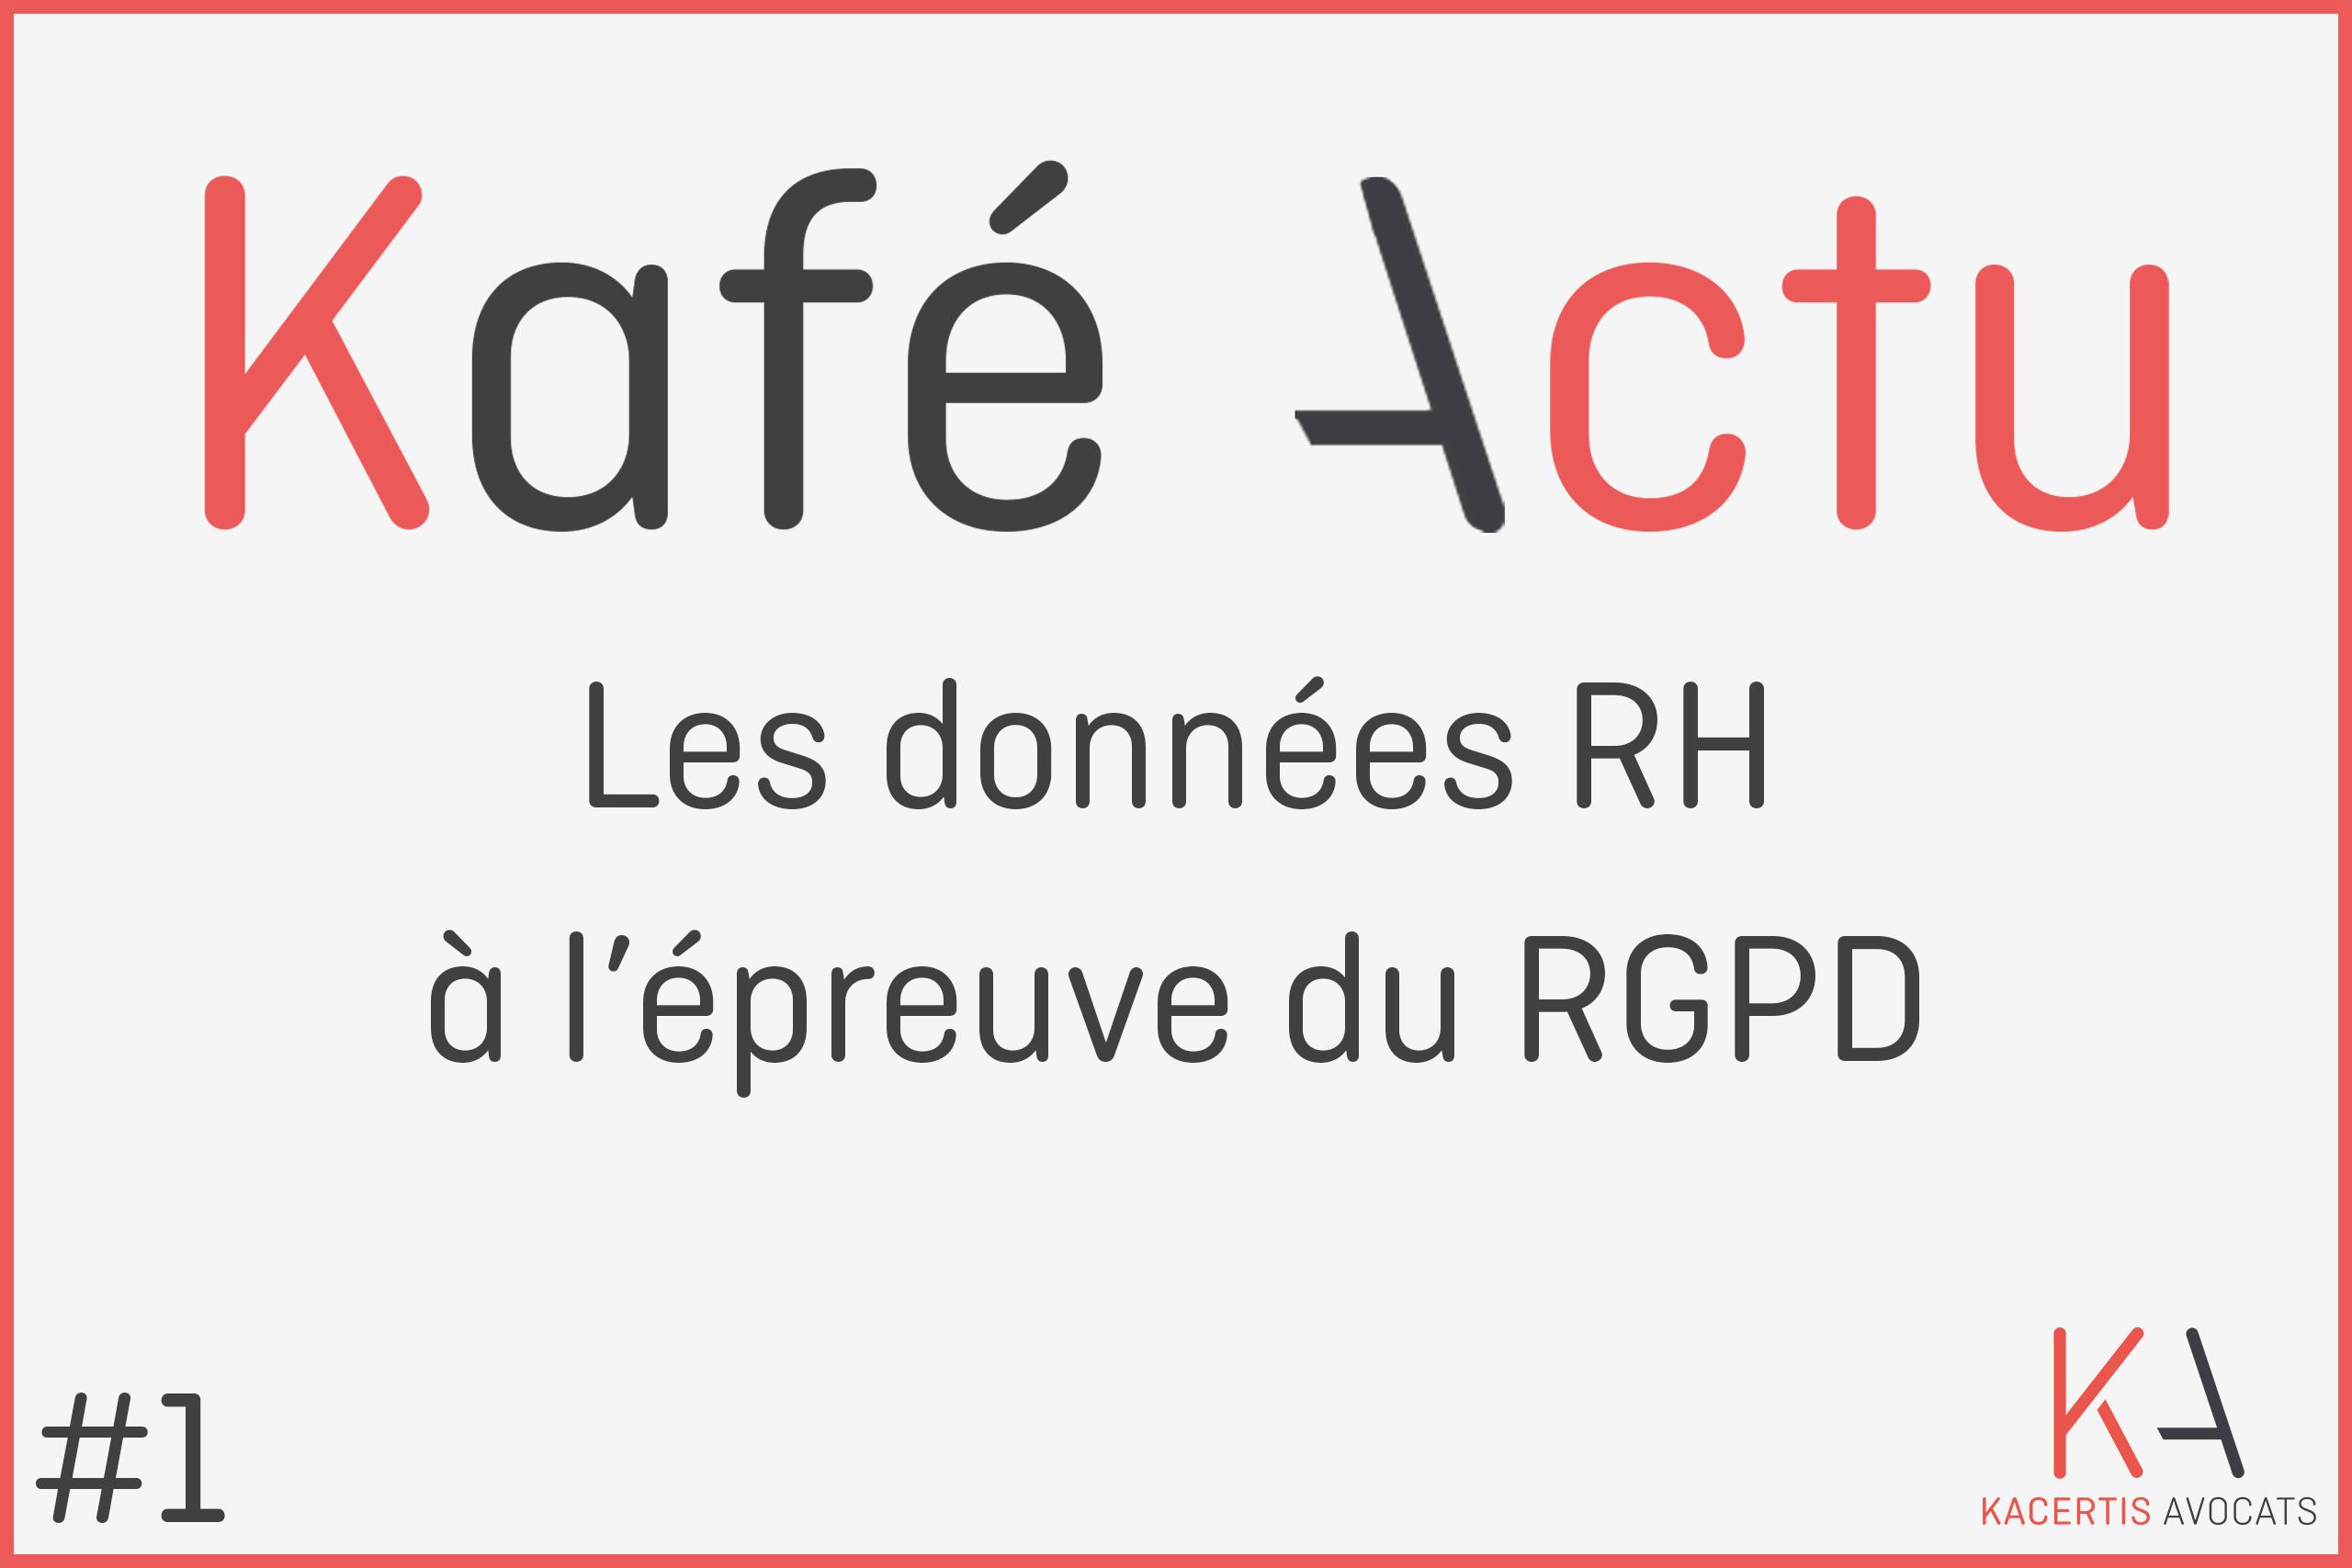 Kafé Actu #1 - Les données RH à l'épreuve du RGPD